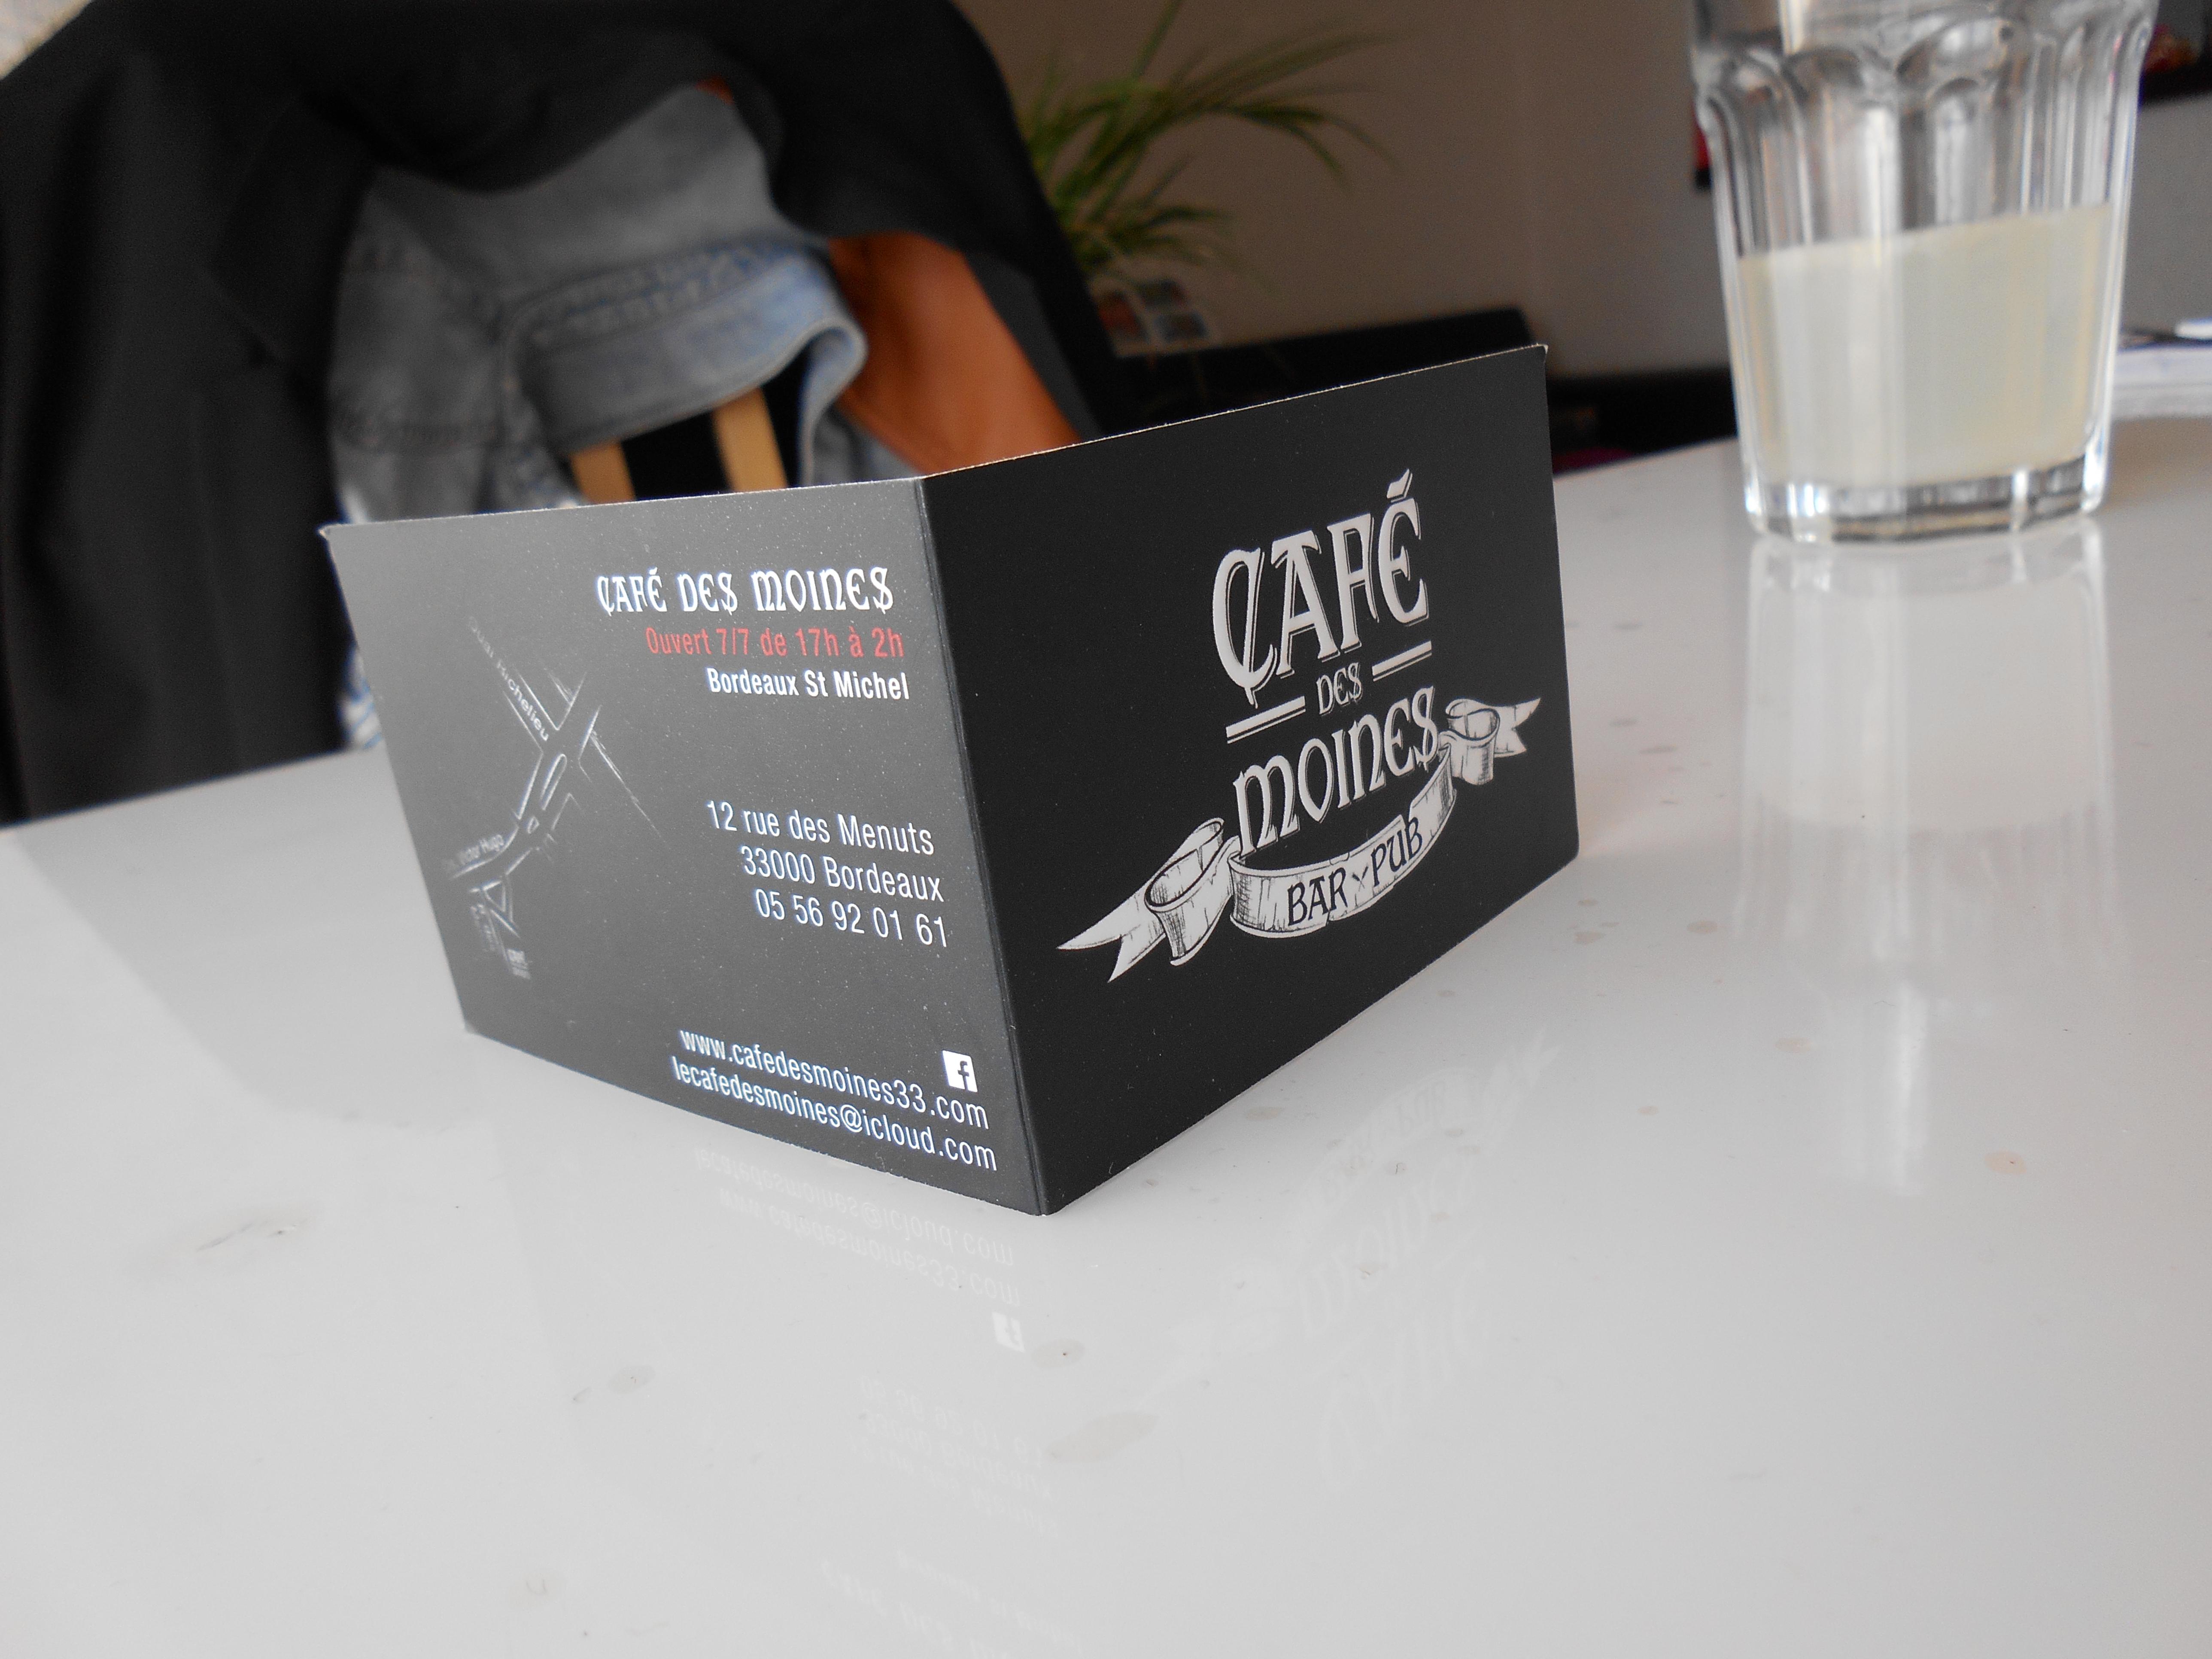 CAFE DES MOINES